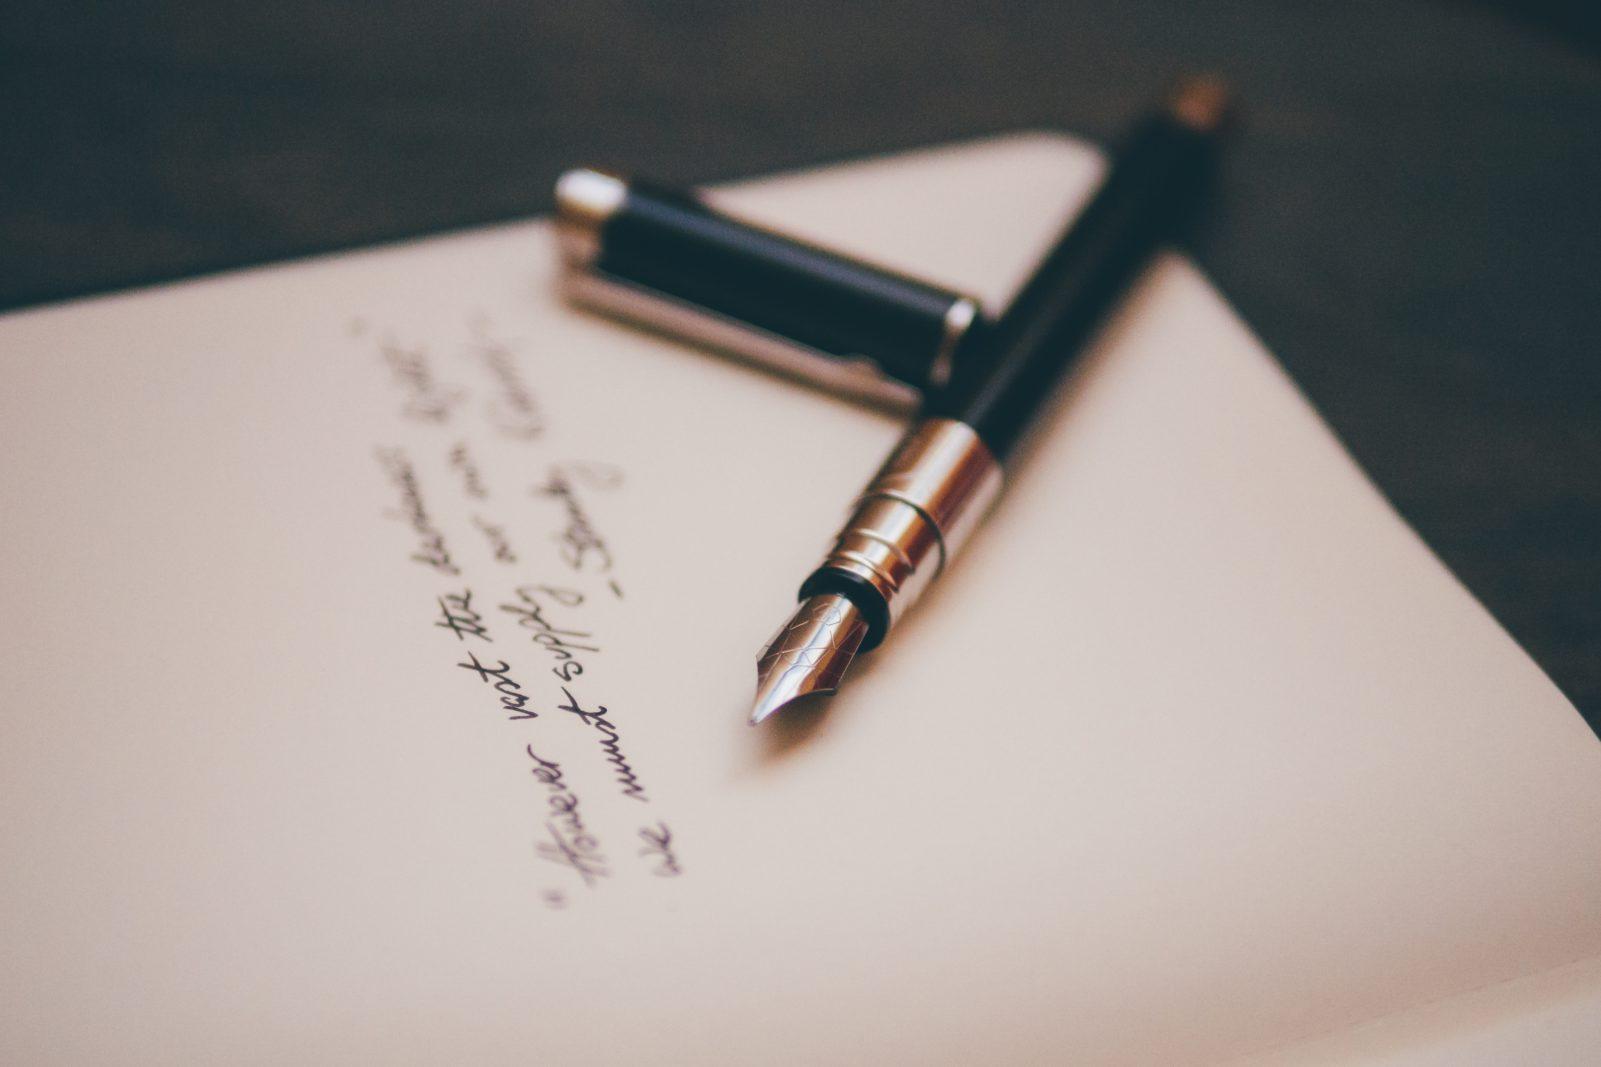 Kündigung Arbeitsvertrag  – alles zu Kündigungsfristen, Abgangsentschädigung, Ferien